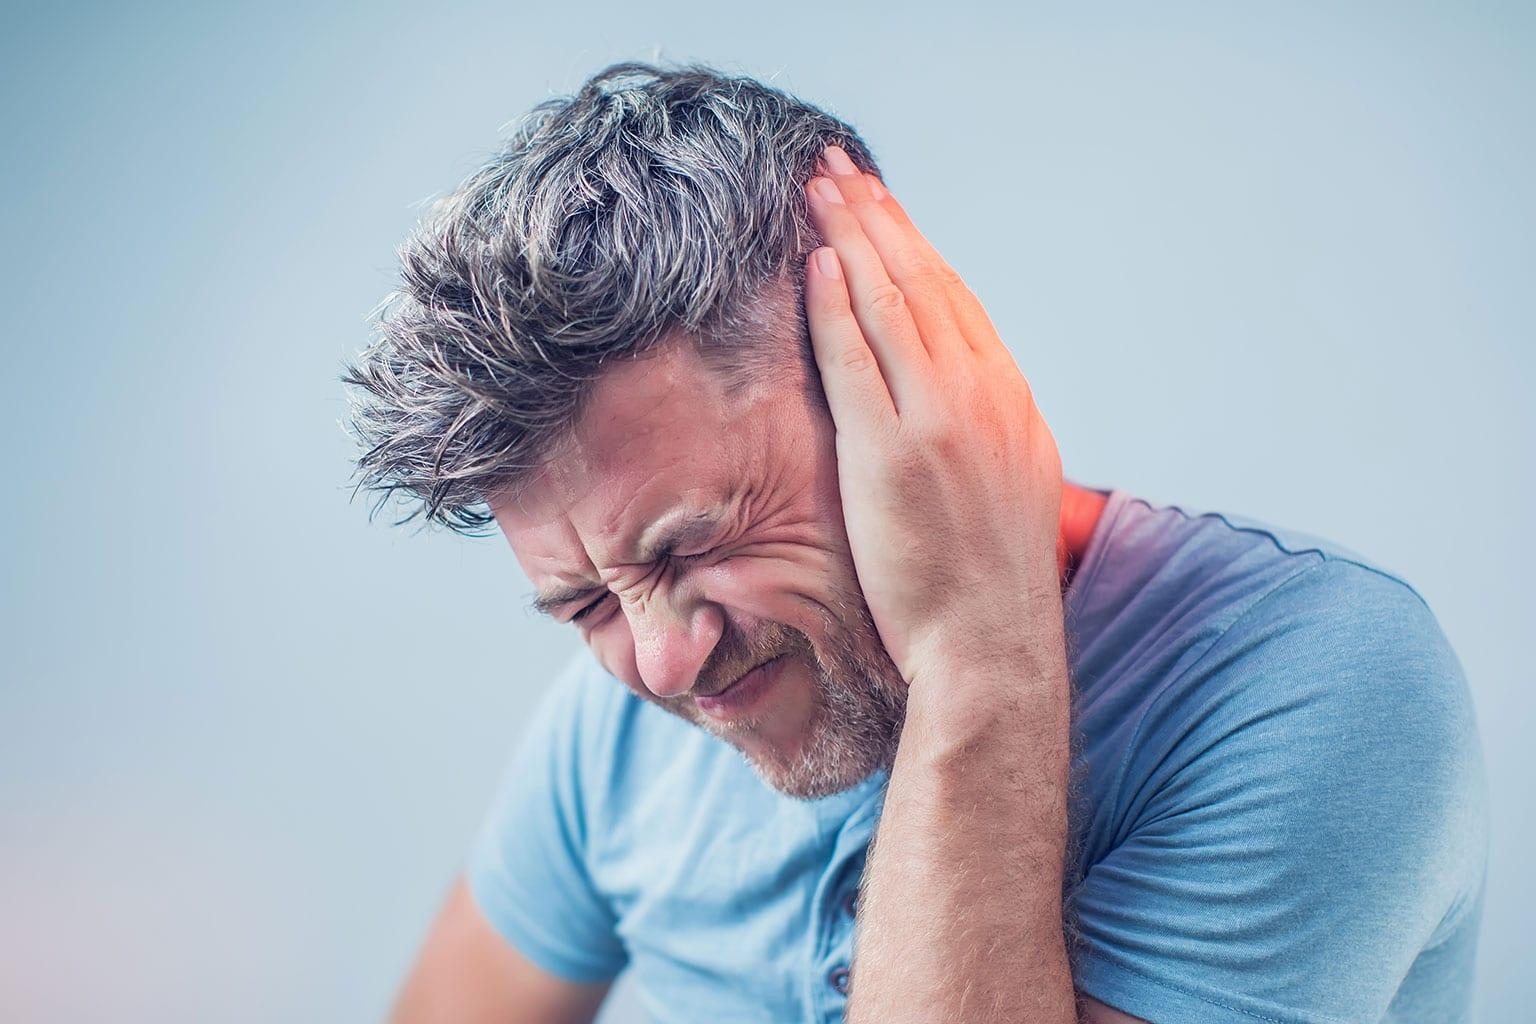 """سبب غير متوقع لـ"""" طنين الأذن"""" المفاجئ وفي هذه الحالة يجب زيارة الطبيب!"""